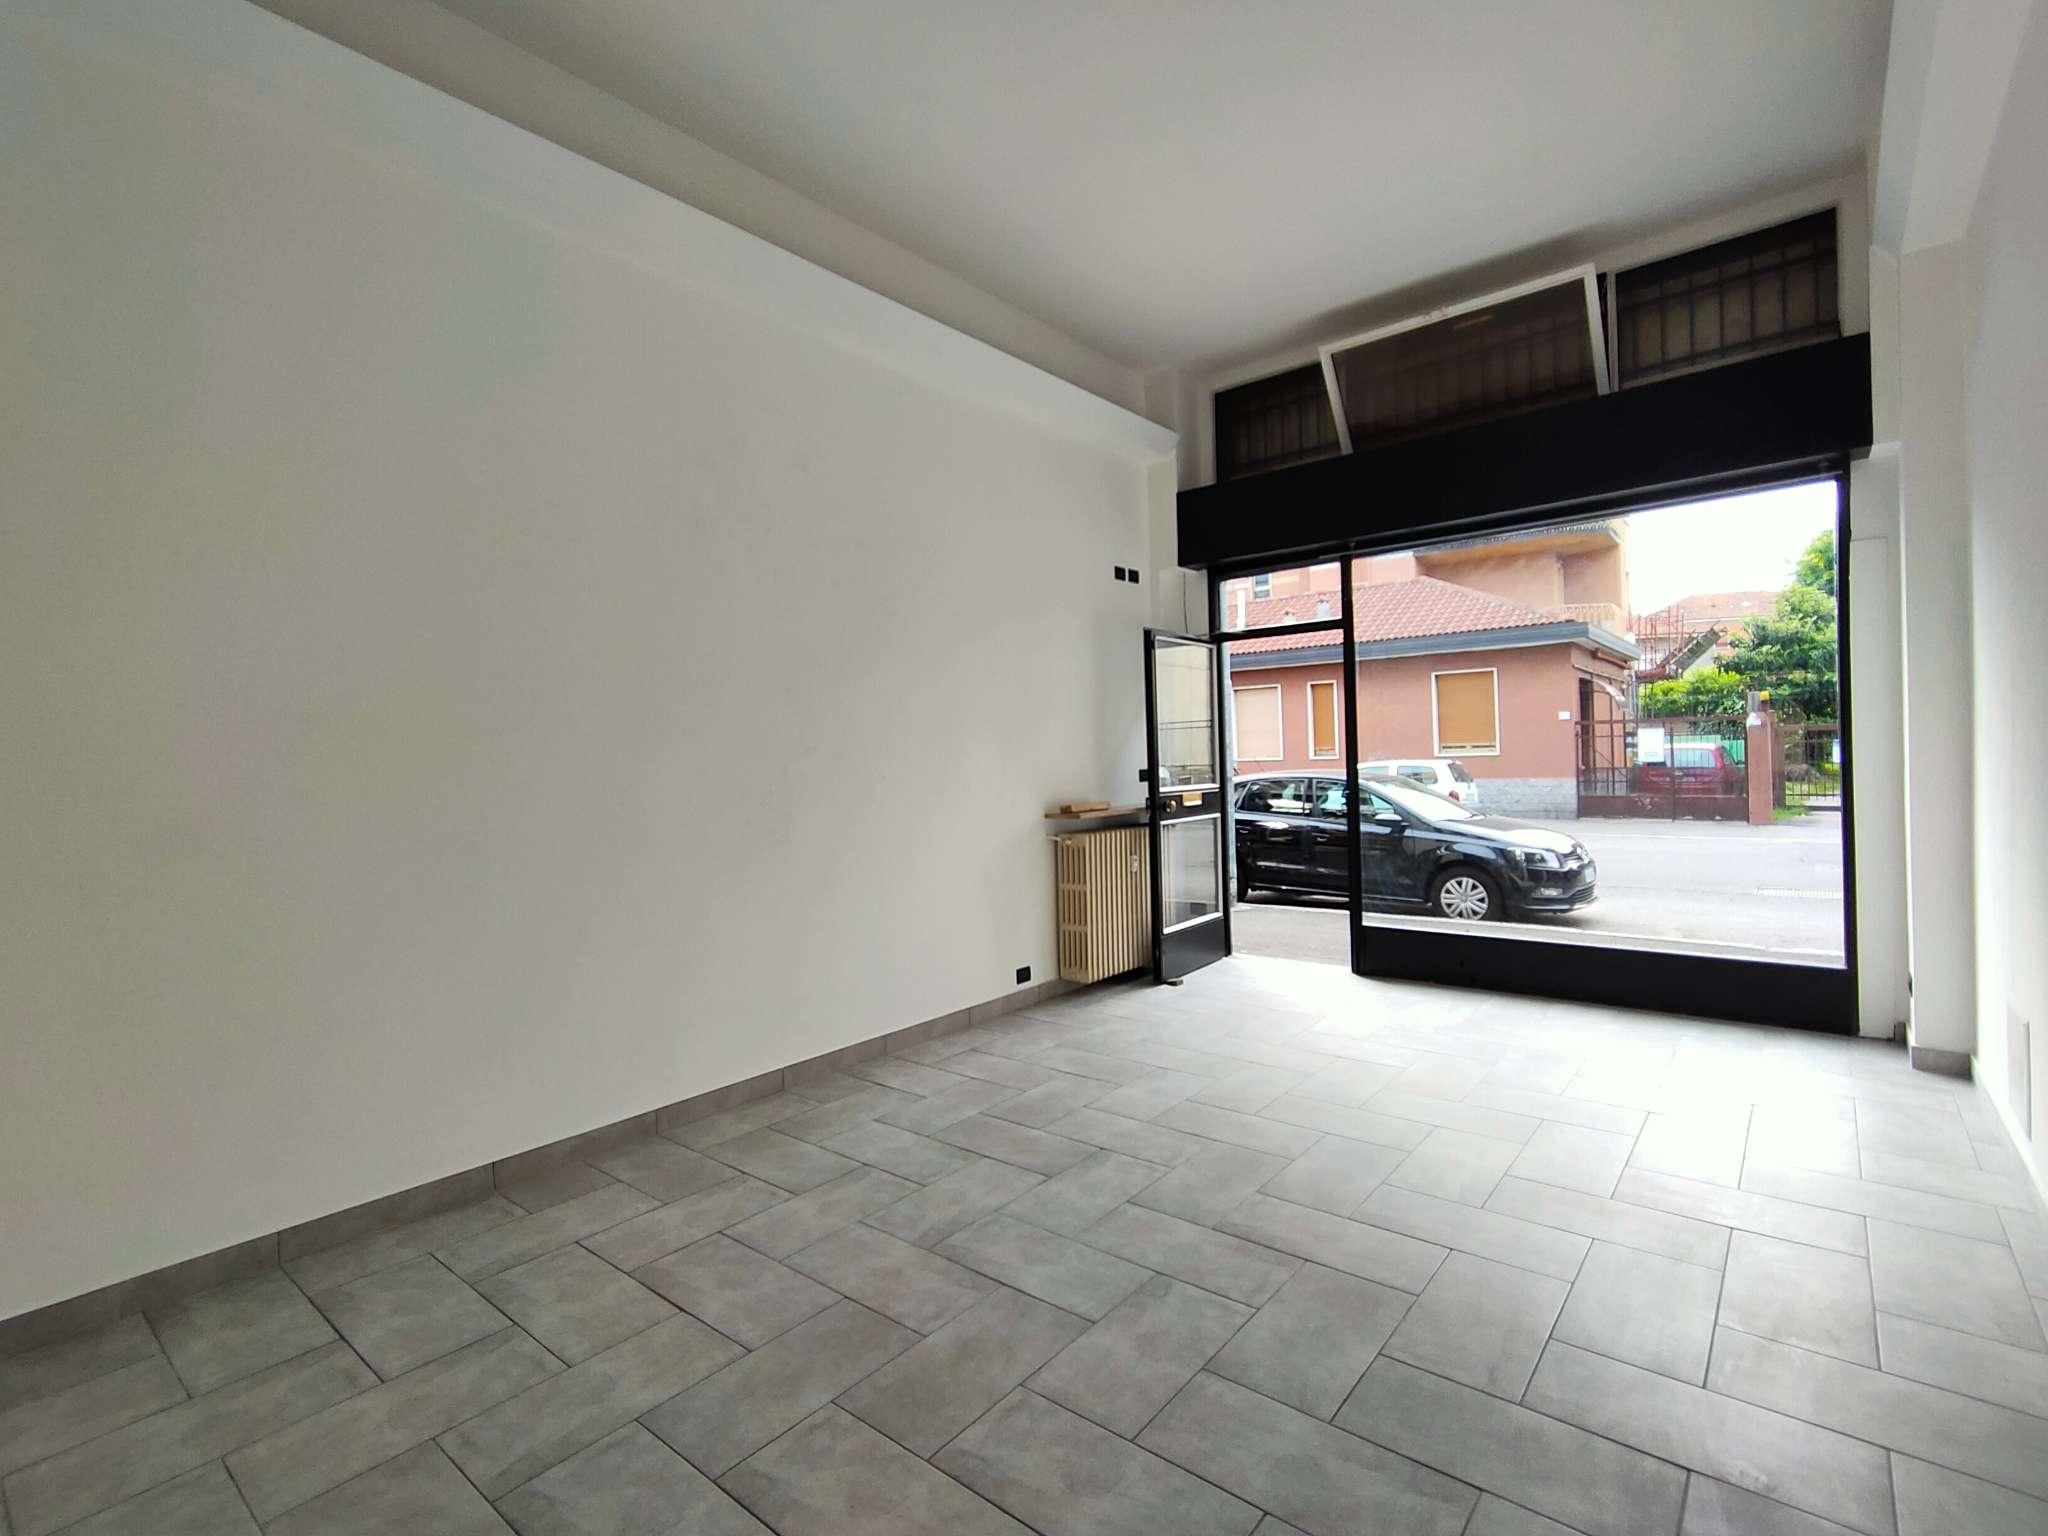 Negozio / Locale in vendita a Cormano, 1 locali, prezzo € 70.000 | PortaleAgenzieImmobiliari.it